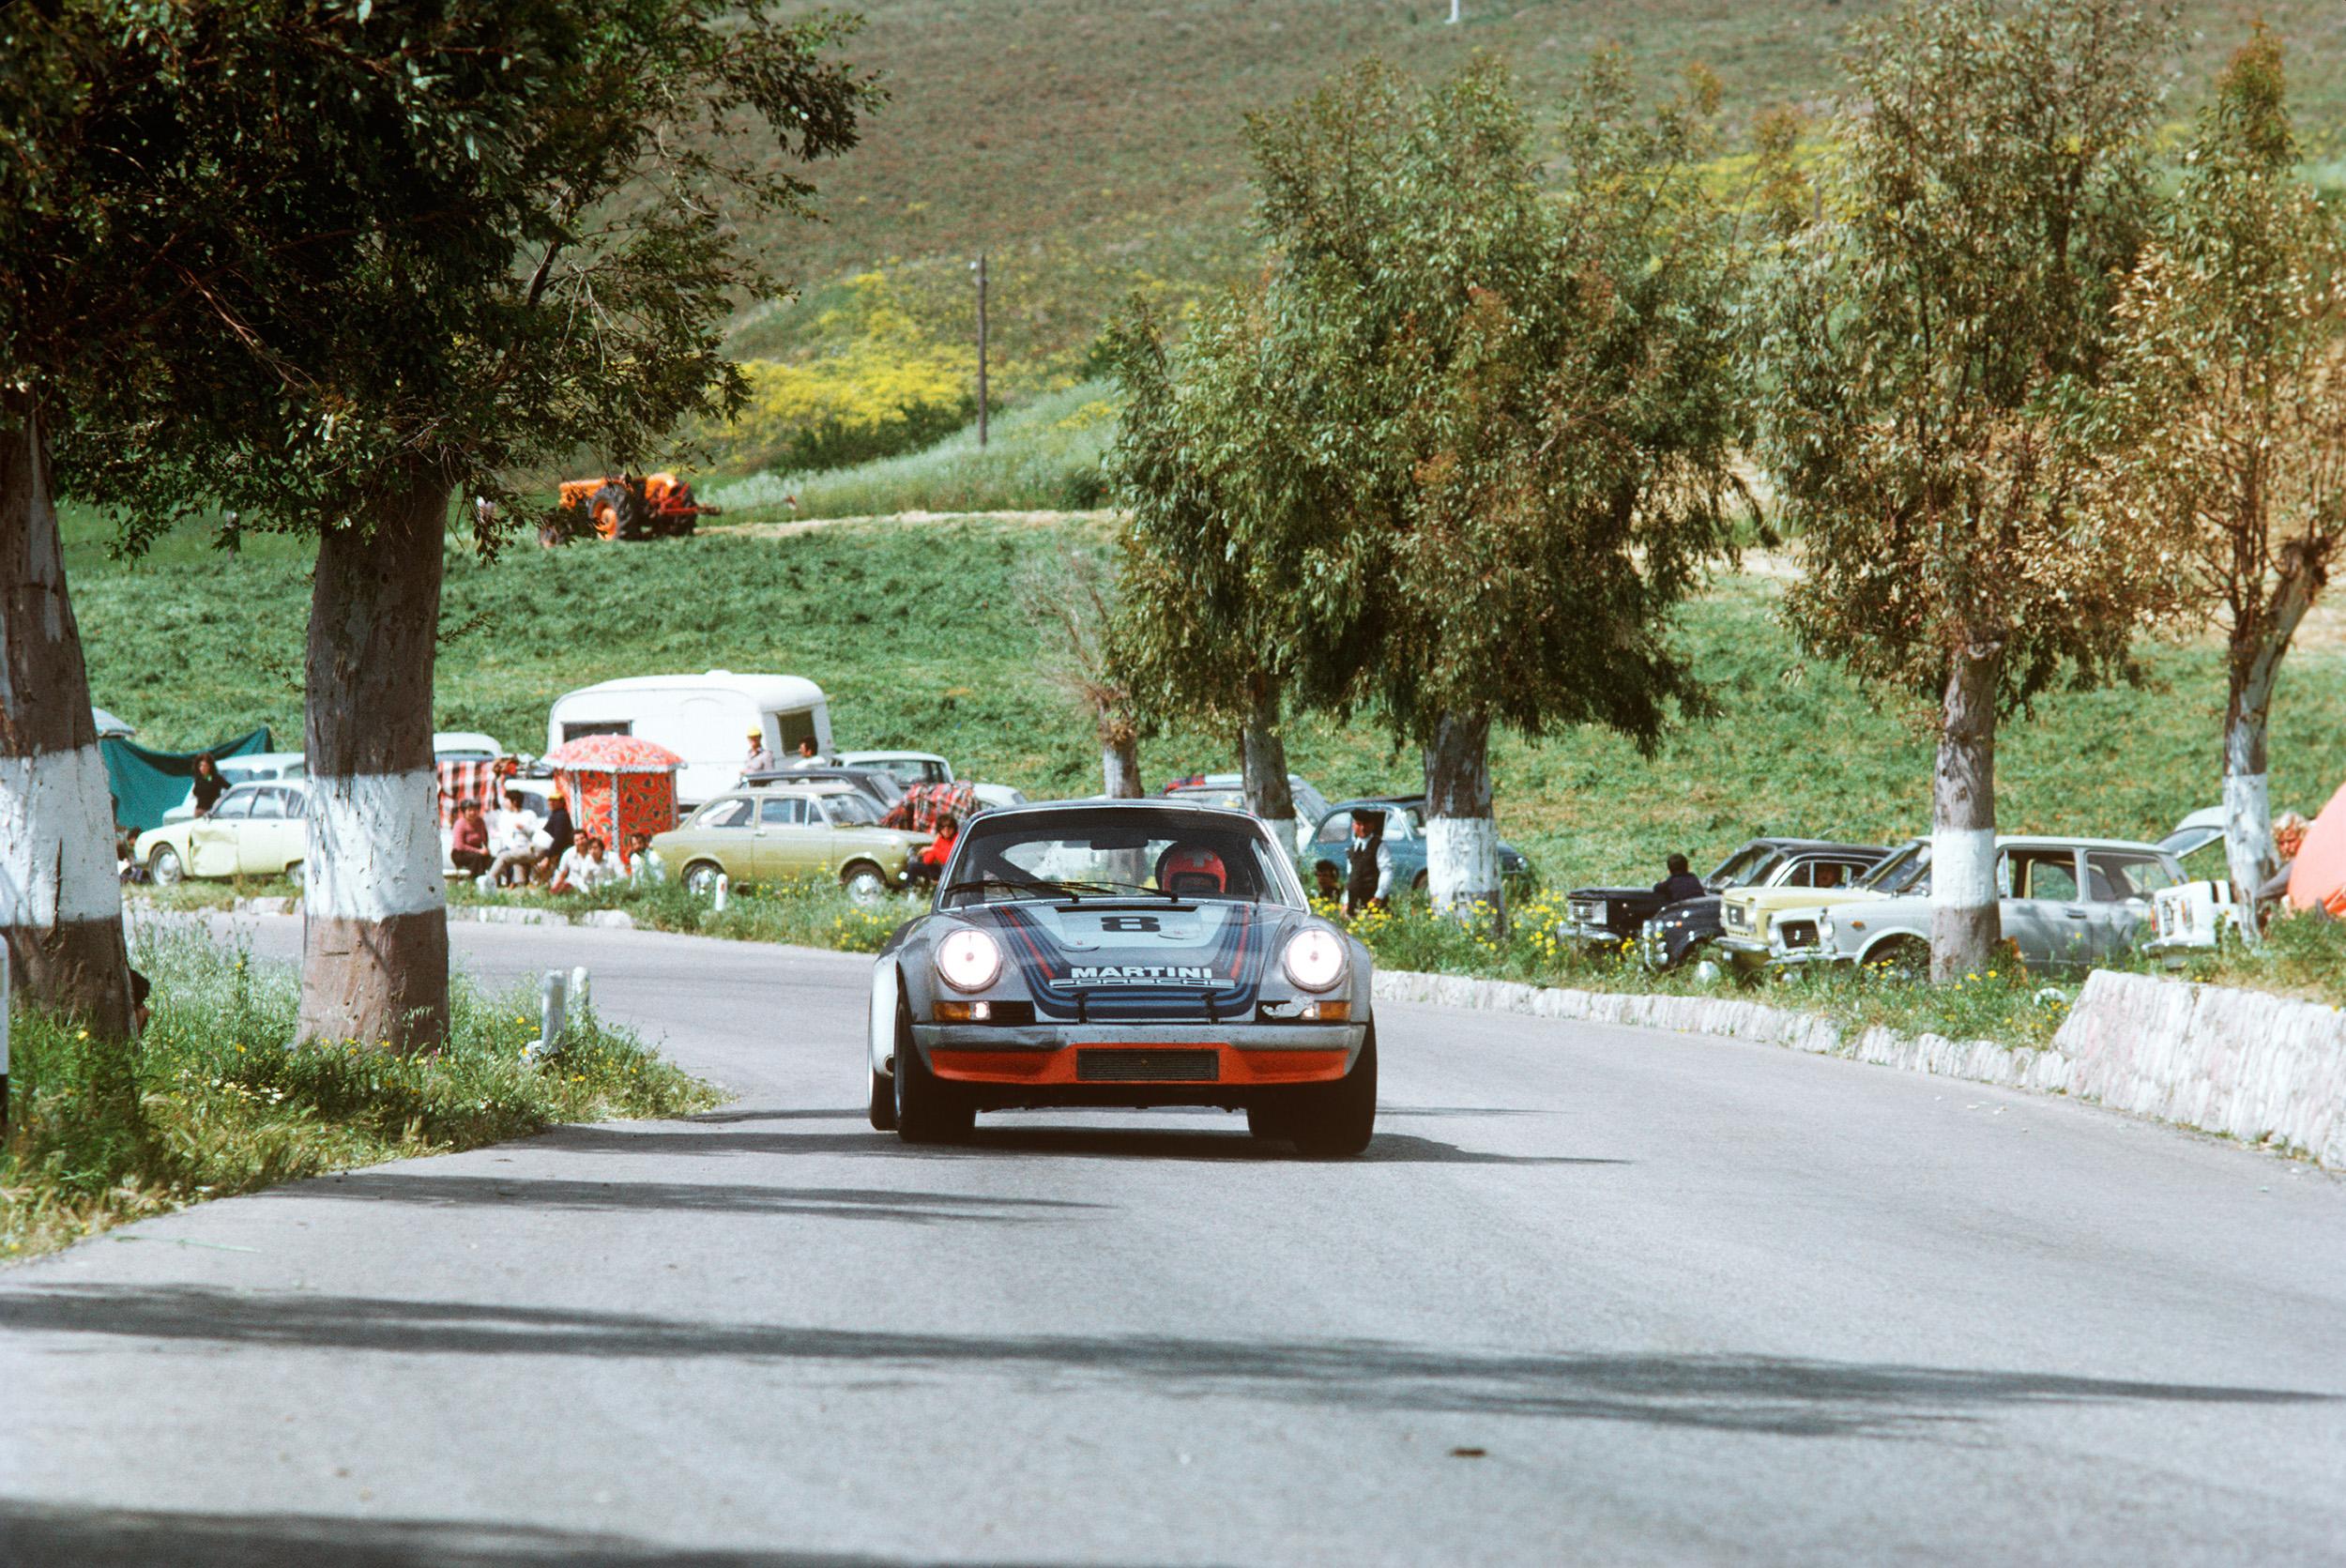 I 1973 vant Herbert Müller og Gijs van Lennep i en 911 RSR det mest beryktede billøpet i verden langs vanlige veier: Targa Florio.